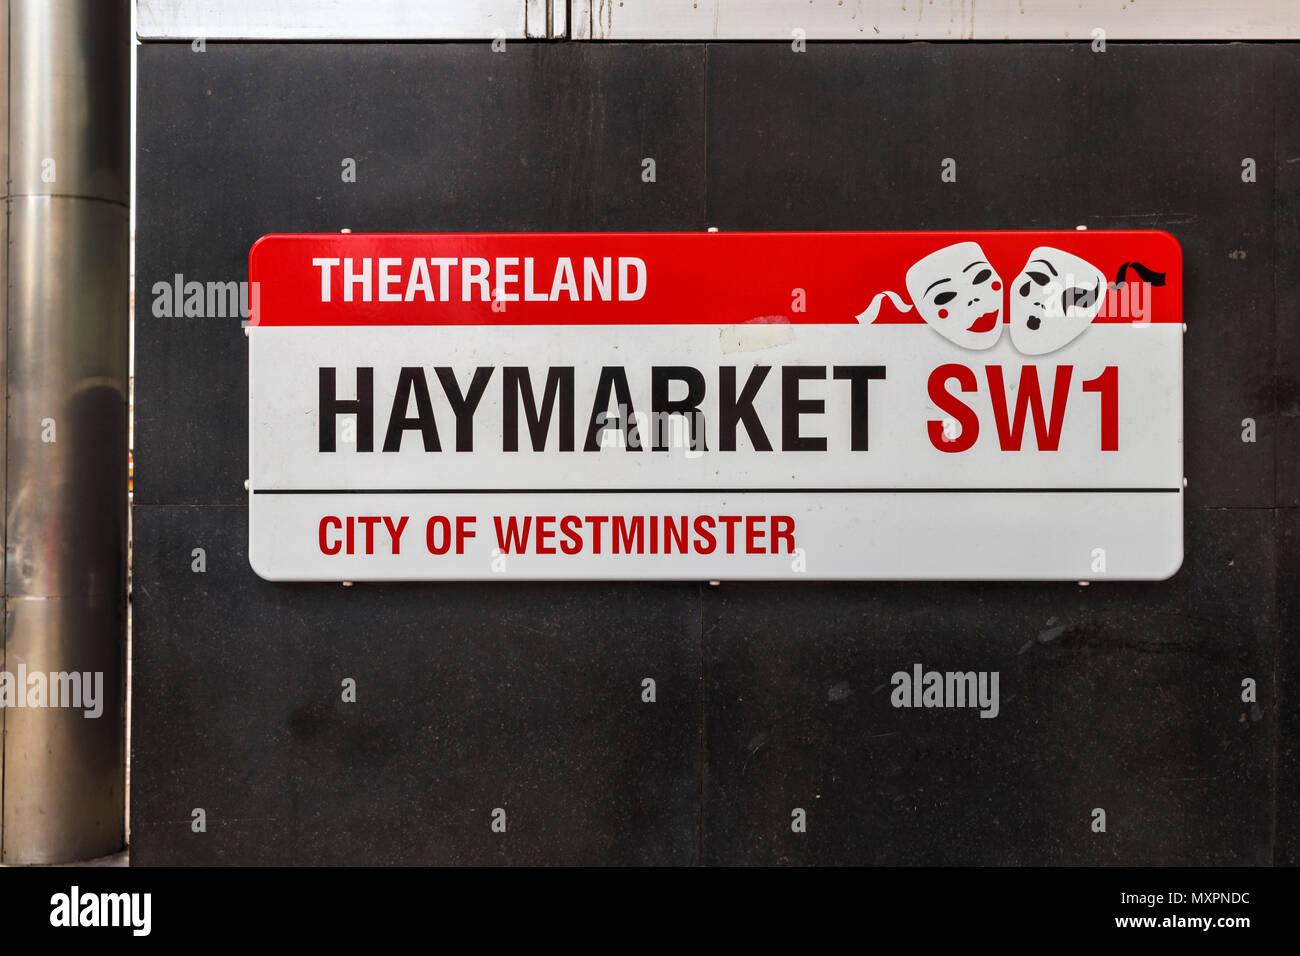 Plaque de rue pour Haymarket, un célèbre road dans le quartier des théâtres, City of Westminster, London SW1, UK, cœur de l'entertainment district culturel Banque D'Images